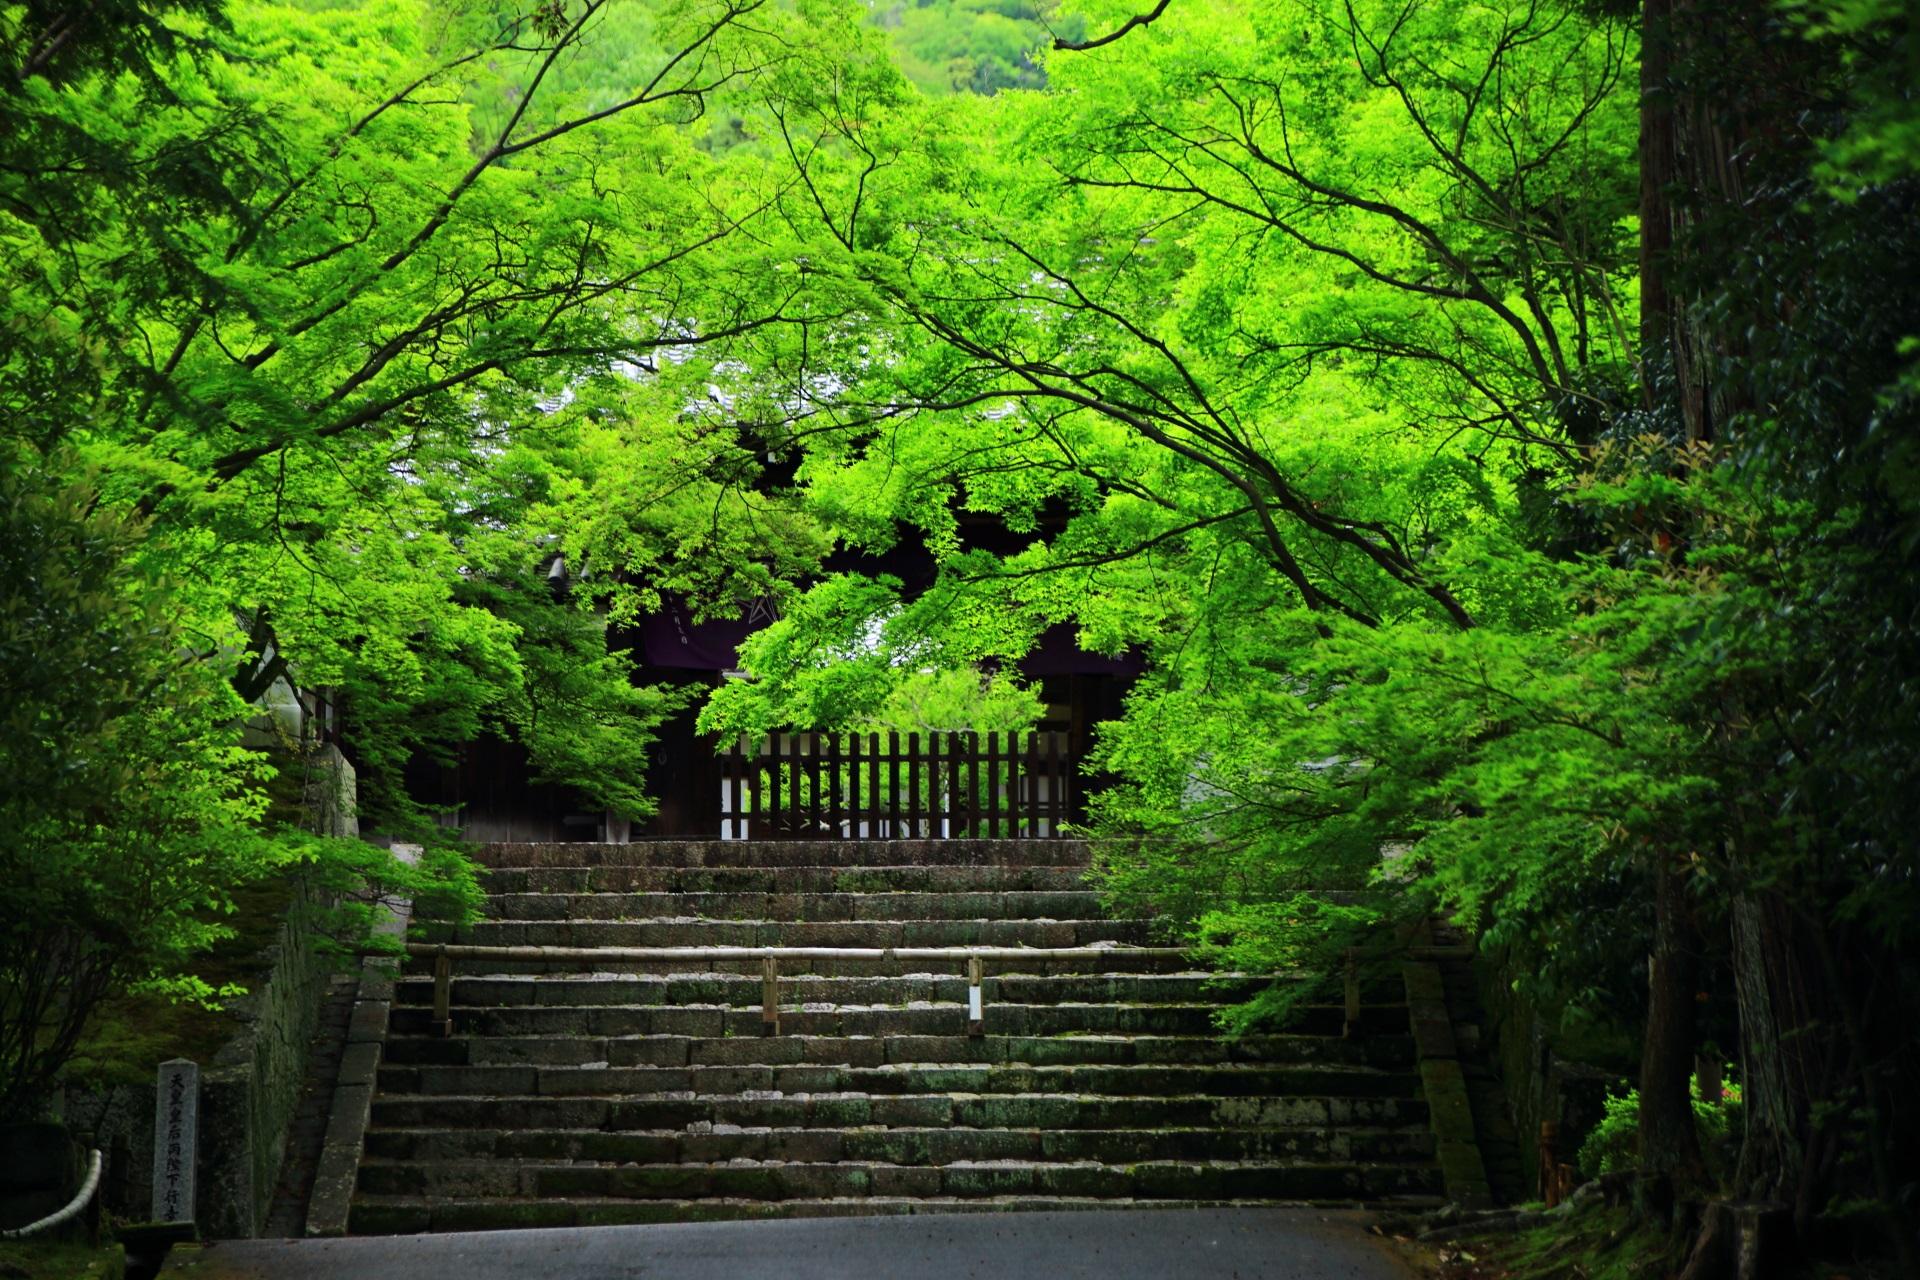 見事な新緑が溢れ出す曼殊院の勅使門前